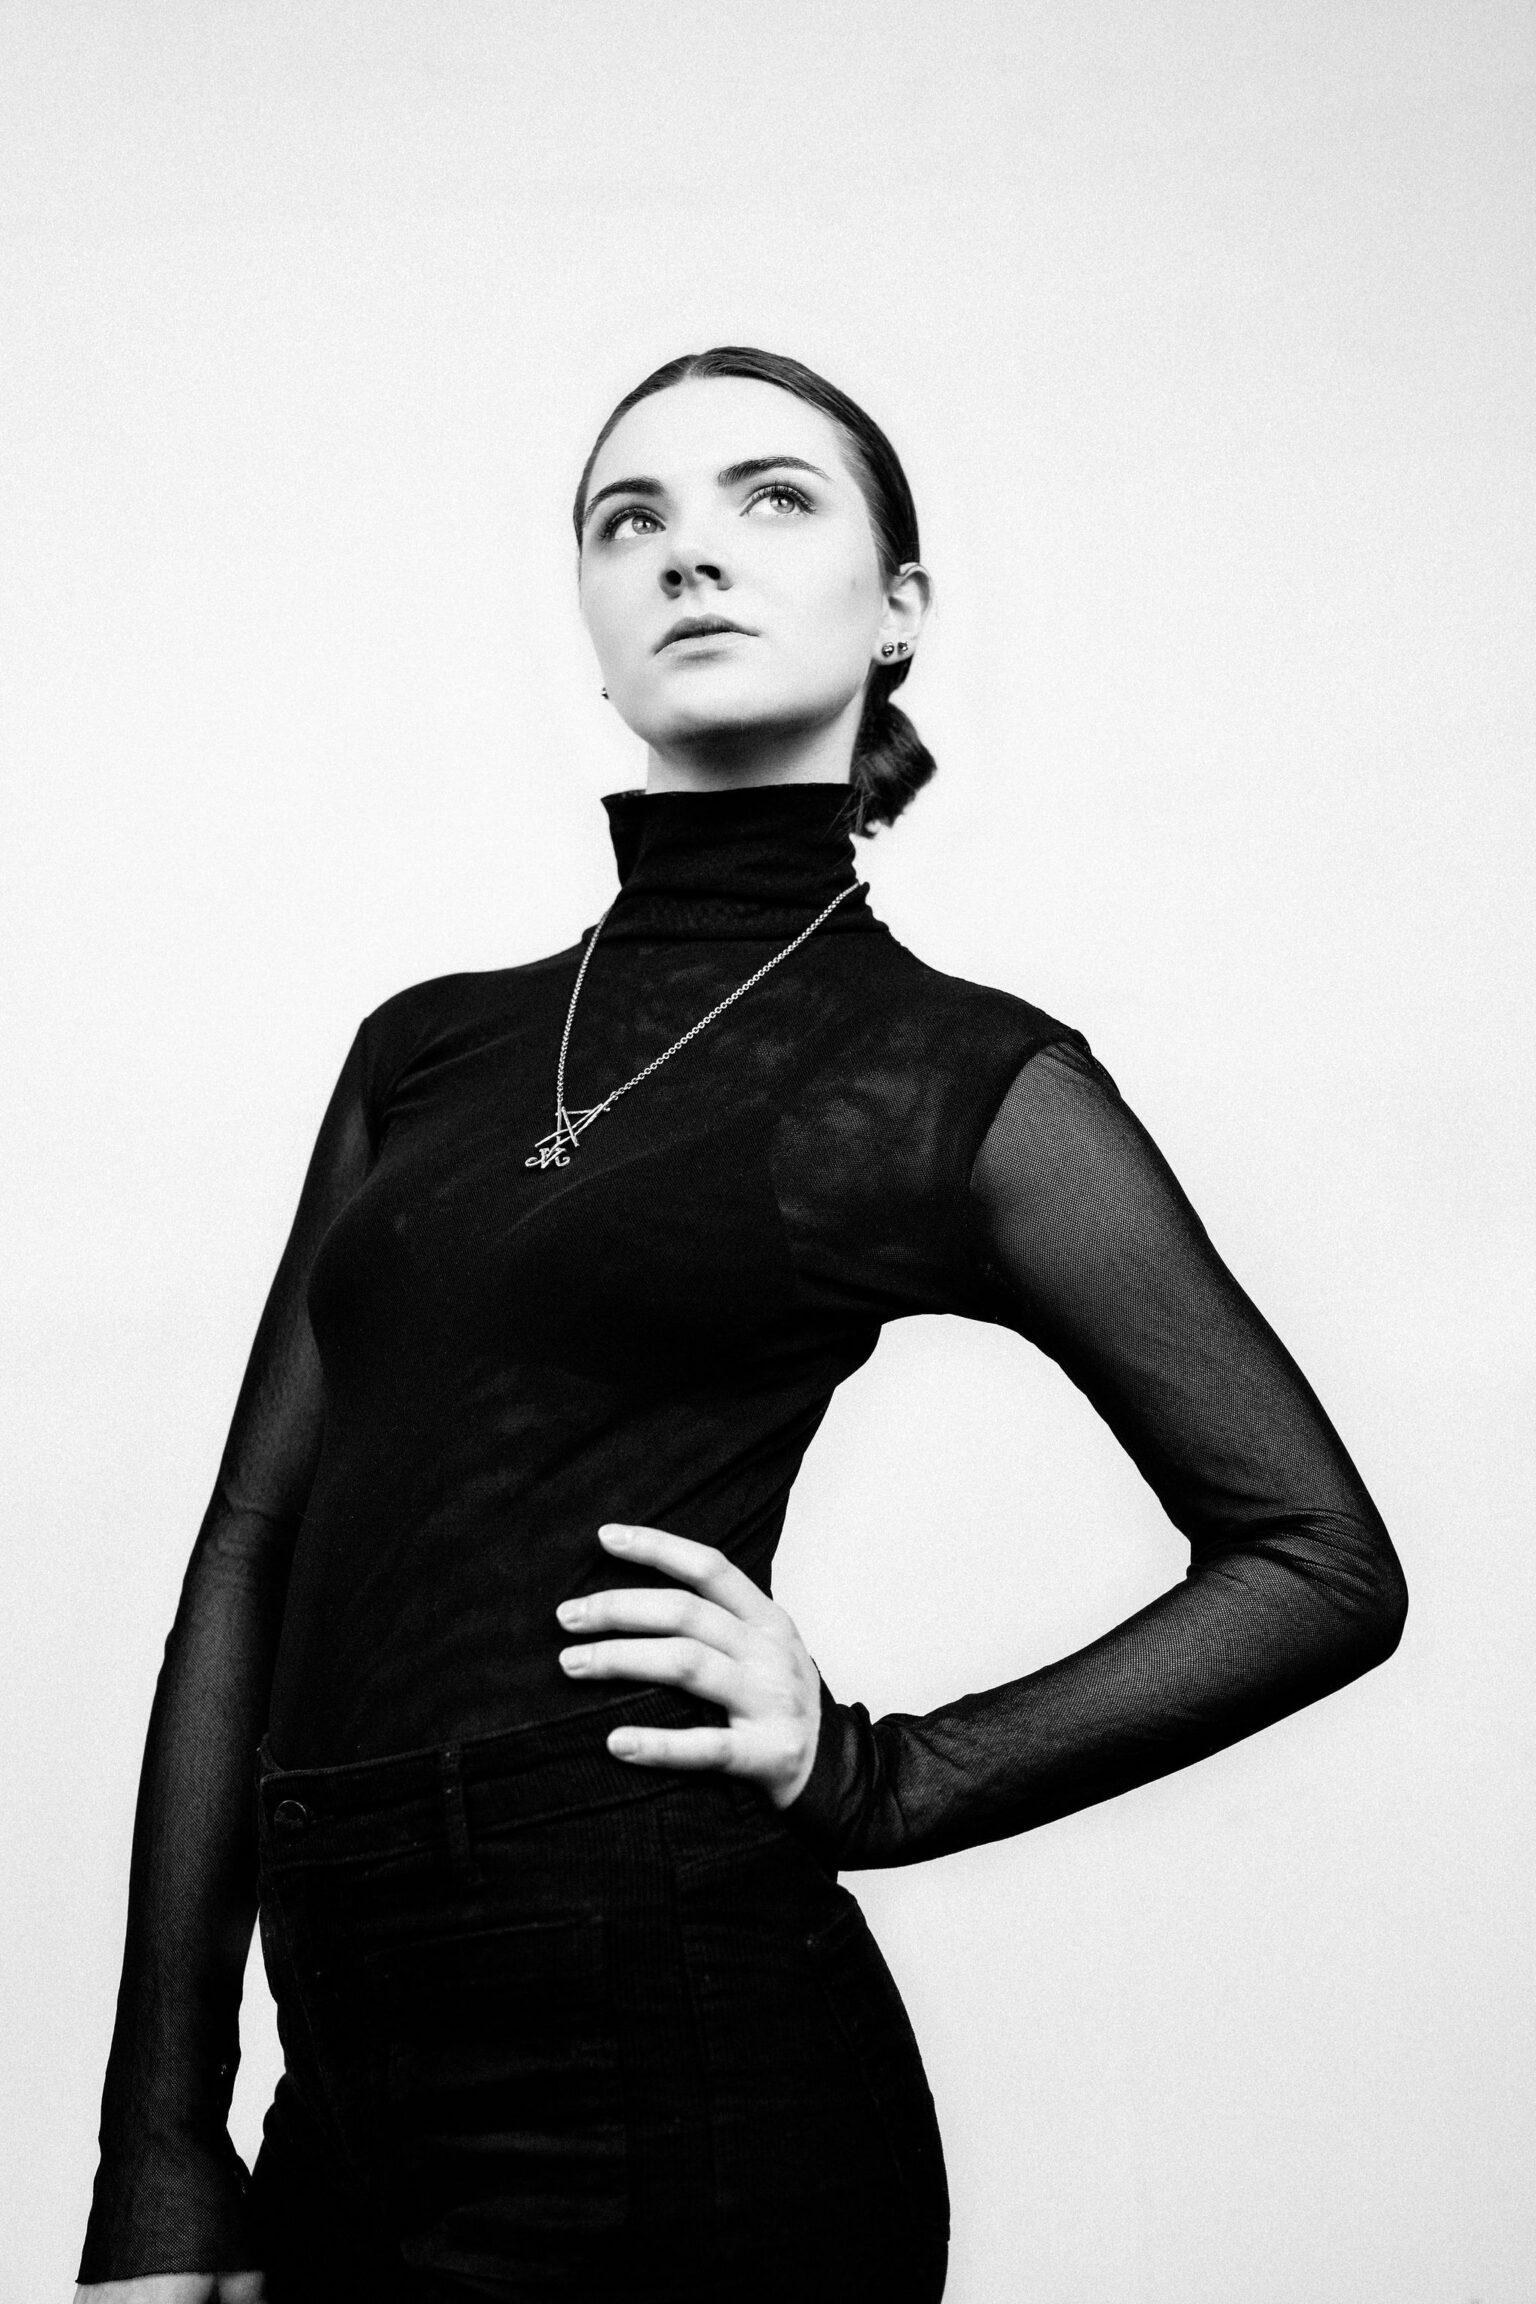 Lucifer Sigil necklace pendant by Atelier Maureen Centen